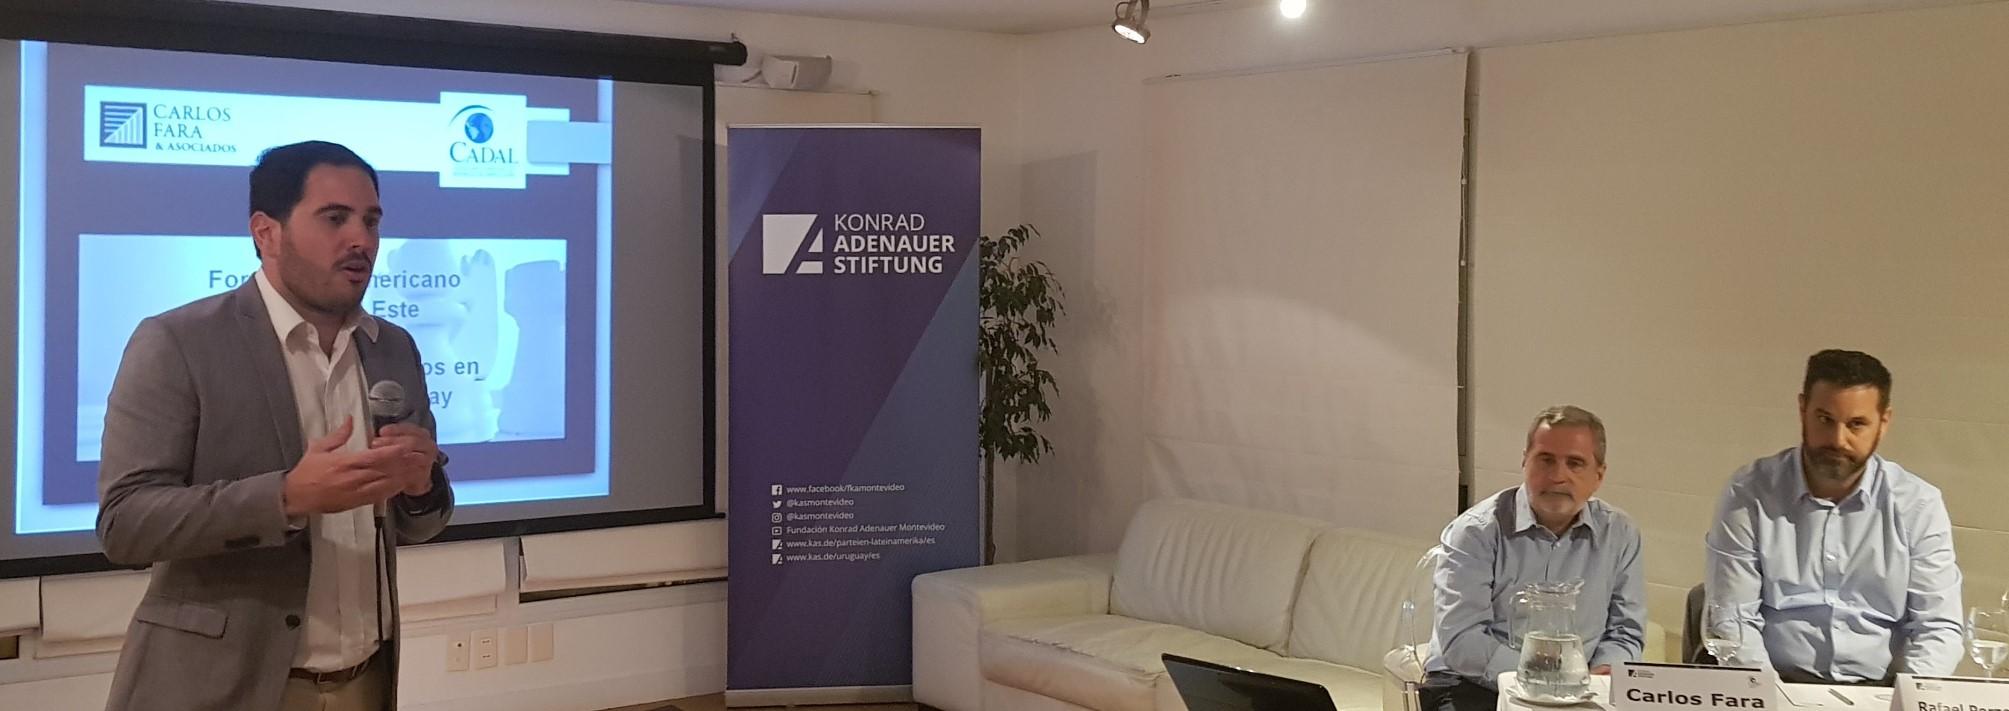 Ángel Arellano, Coordinador de Proyectos de la Fundación Konrad Adenauer en Uruguay